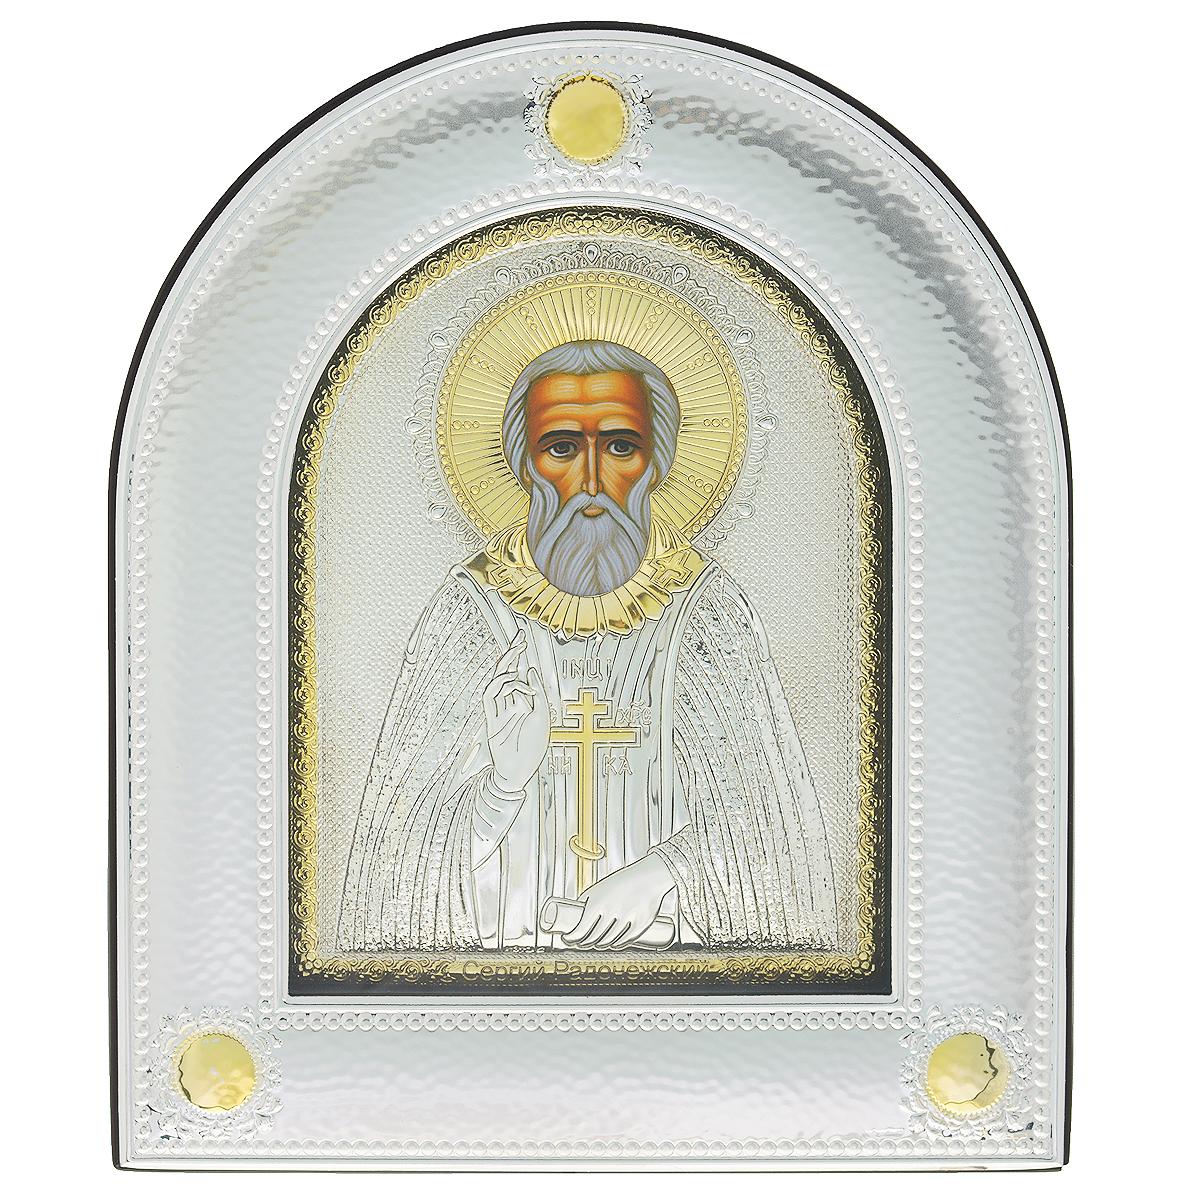 Икона Святого Сергия Радонежского, 30 см х 25,2 см743.ovxlns.dИкона Святого Сергия Радонежского - точная копия старинной Византийской иконы. Оклад изготовлен из алюминиевой основы с покрытием серебром 925 пробы толщиной 0,02-0,03 мм.Такое биметаллическое соединение обрабатывается по специальной технологии, при которой оно не темнеет со временем и устойчиво к механическим повреждениям. Само изображение ликов выполняется методом шелкографии. Также наносится золочение лаком на некоторые участки поверхности.Вся задняя часть иконы, а также по бокам, сверху и снизу отделана искусственной кожей, очень приятной на ощупь и с привлекательным запахом. У иконы имеется встроенная подставка. Также ее можно повесить. Икона под стеклом.Иконе Святого Сергия Радонежского молятся о защите от любых жизненных проблем, о защите детей от дурного влияния, от неудач в учебе. Молитвы перед иконой Святого Сергия Радонежского помогают в обретении смирения и терпимости, в укрощении гордыни. Дни празднования - 18 июля, 19 июля, 8 октября.